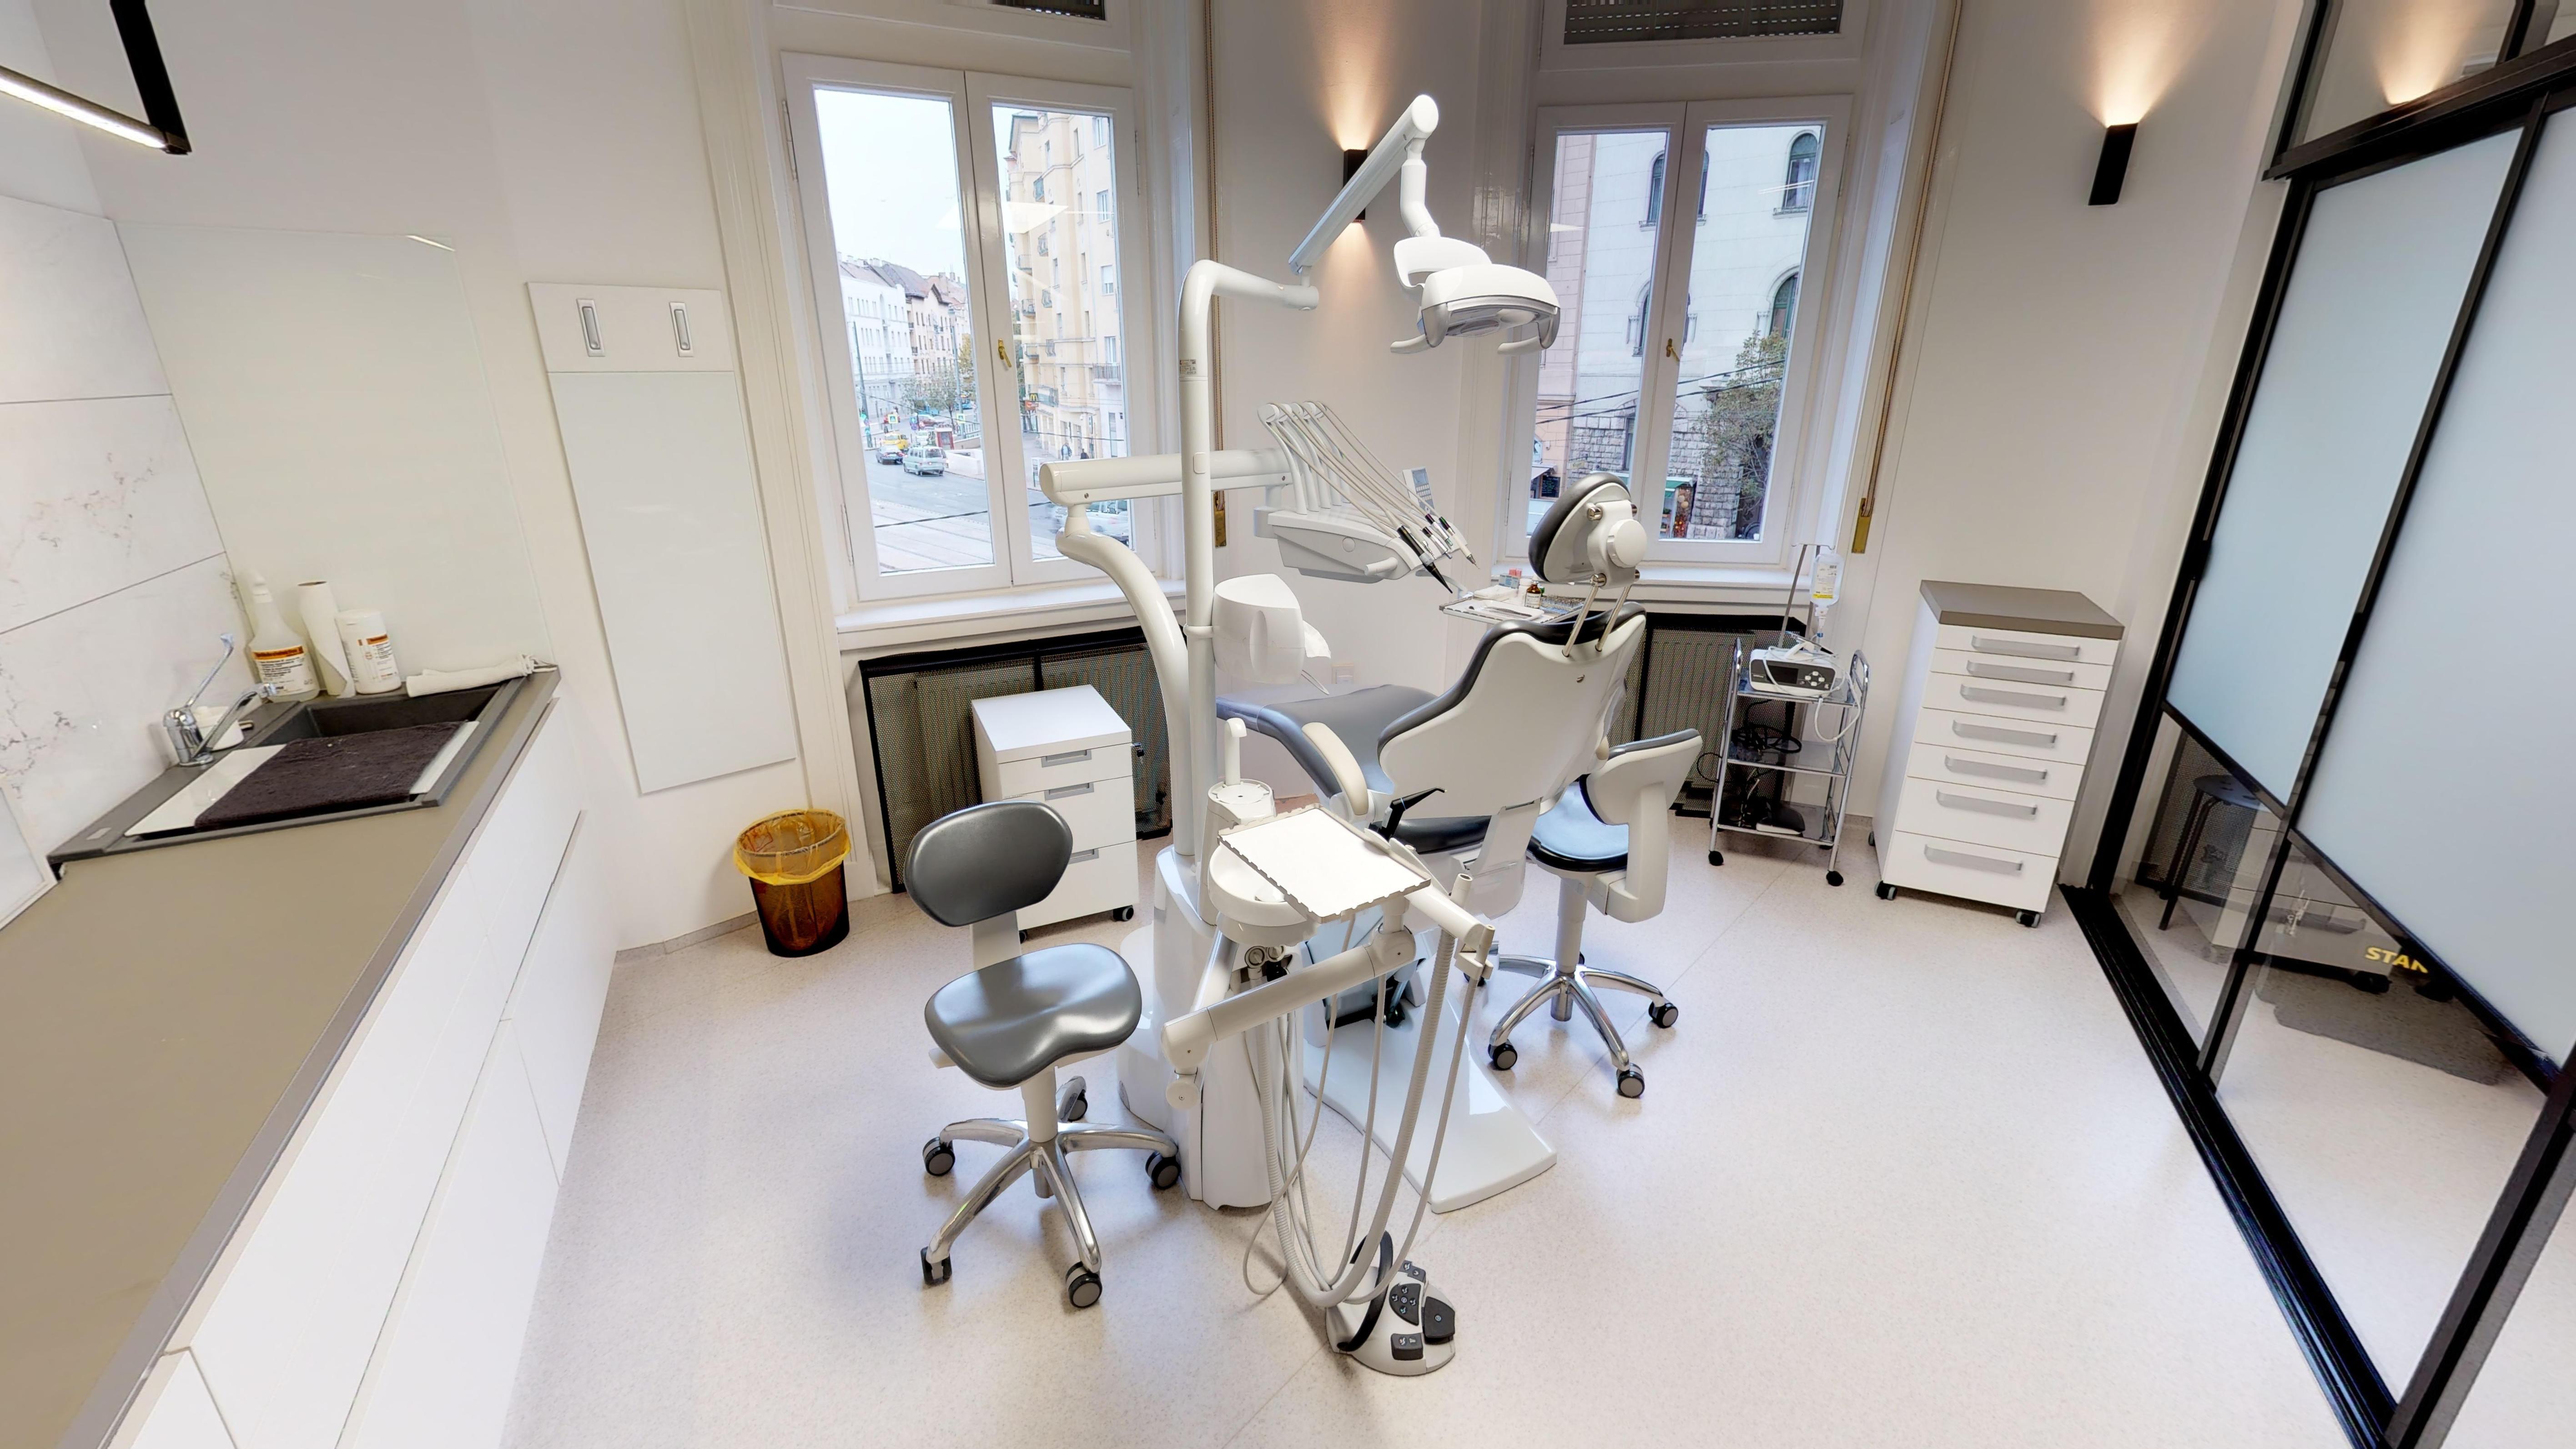 ACE Dental Budapest fogászat 3D Matterport virtuális túra részlet Brand360